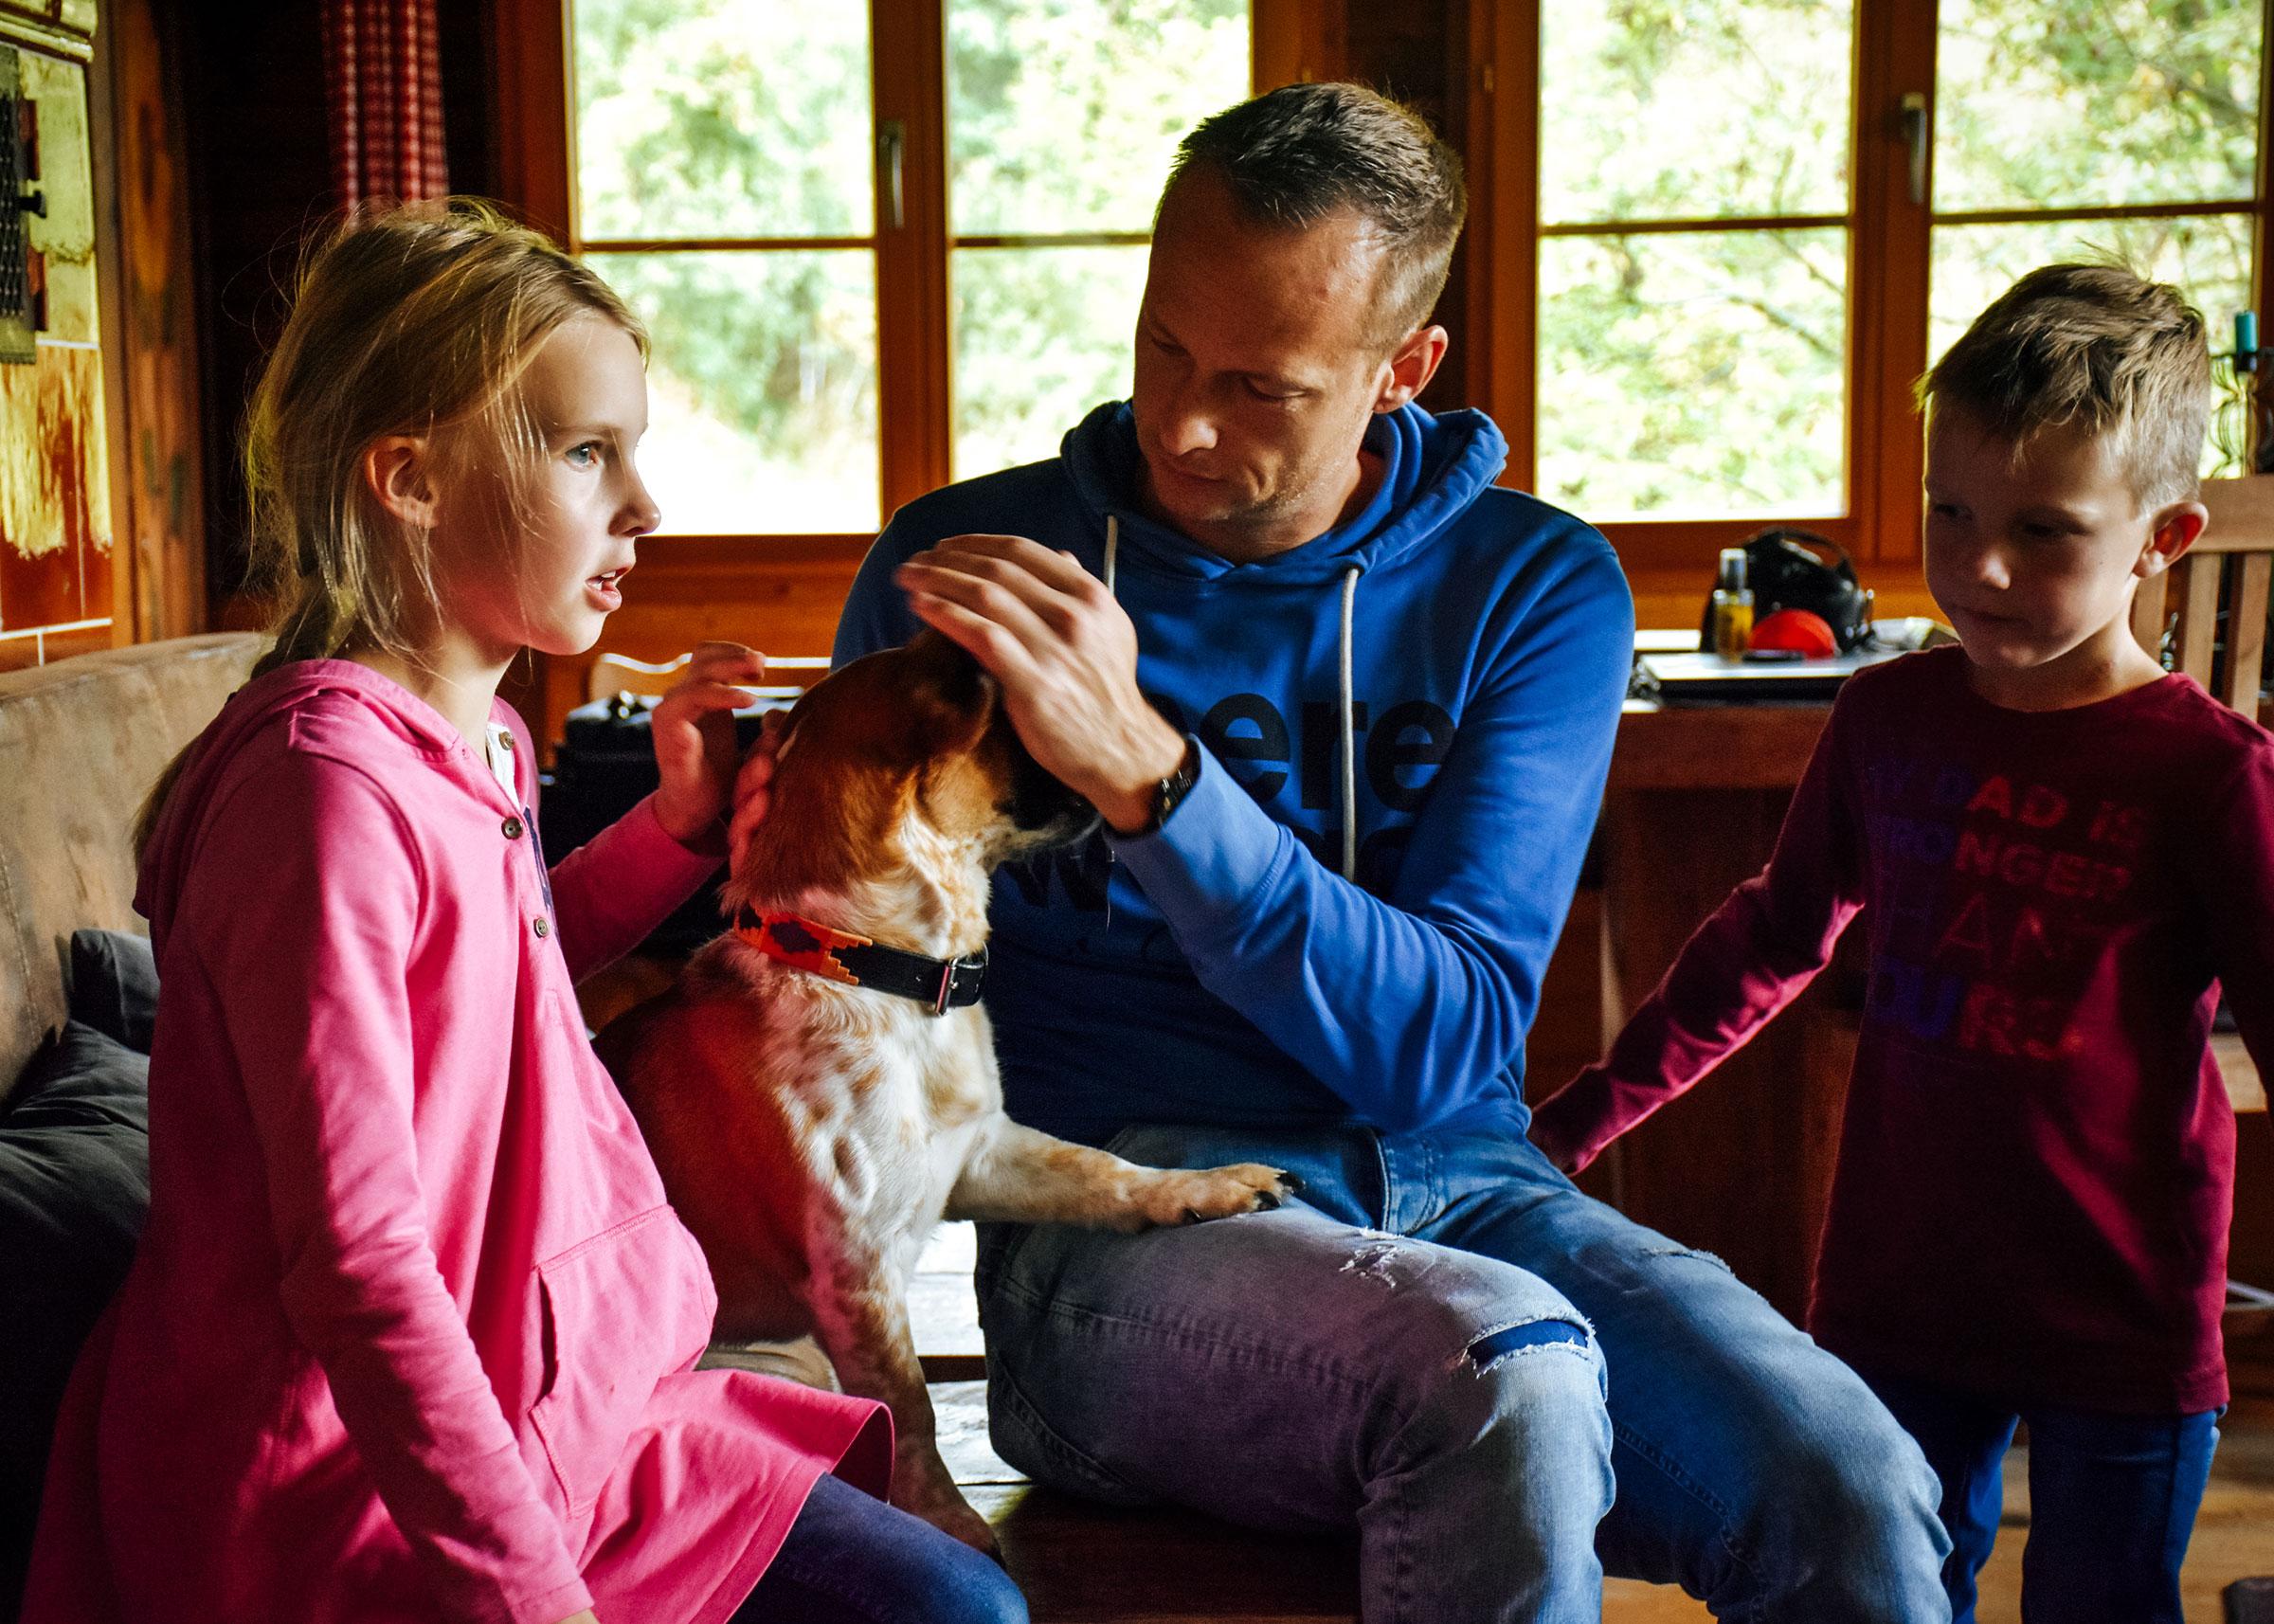 Familie mit Hund in einer Ferienhütte - Wanderurlaub mit Hund